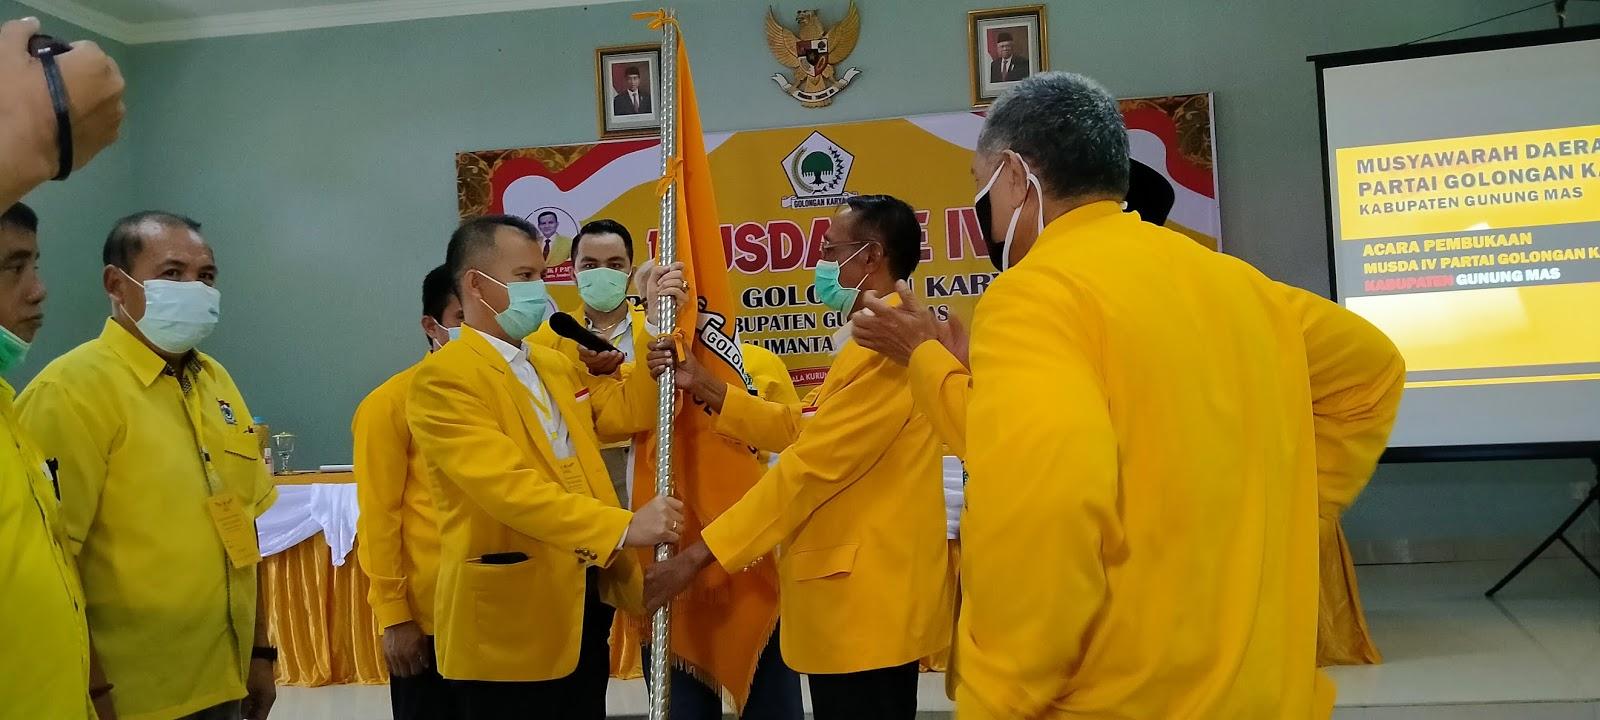 Jaya Kembali Duduki Jabatan Ketua DPD Golkar, Ini Programnya?